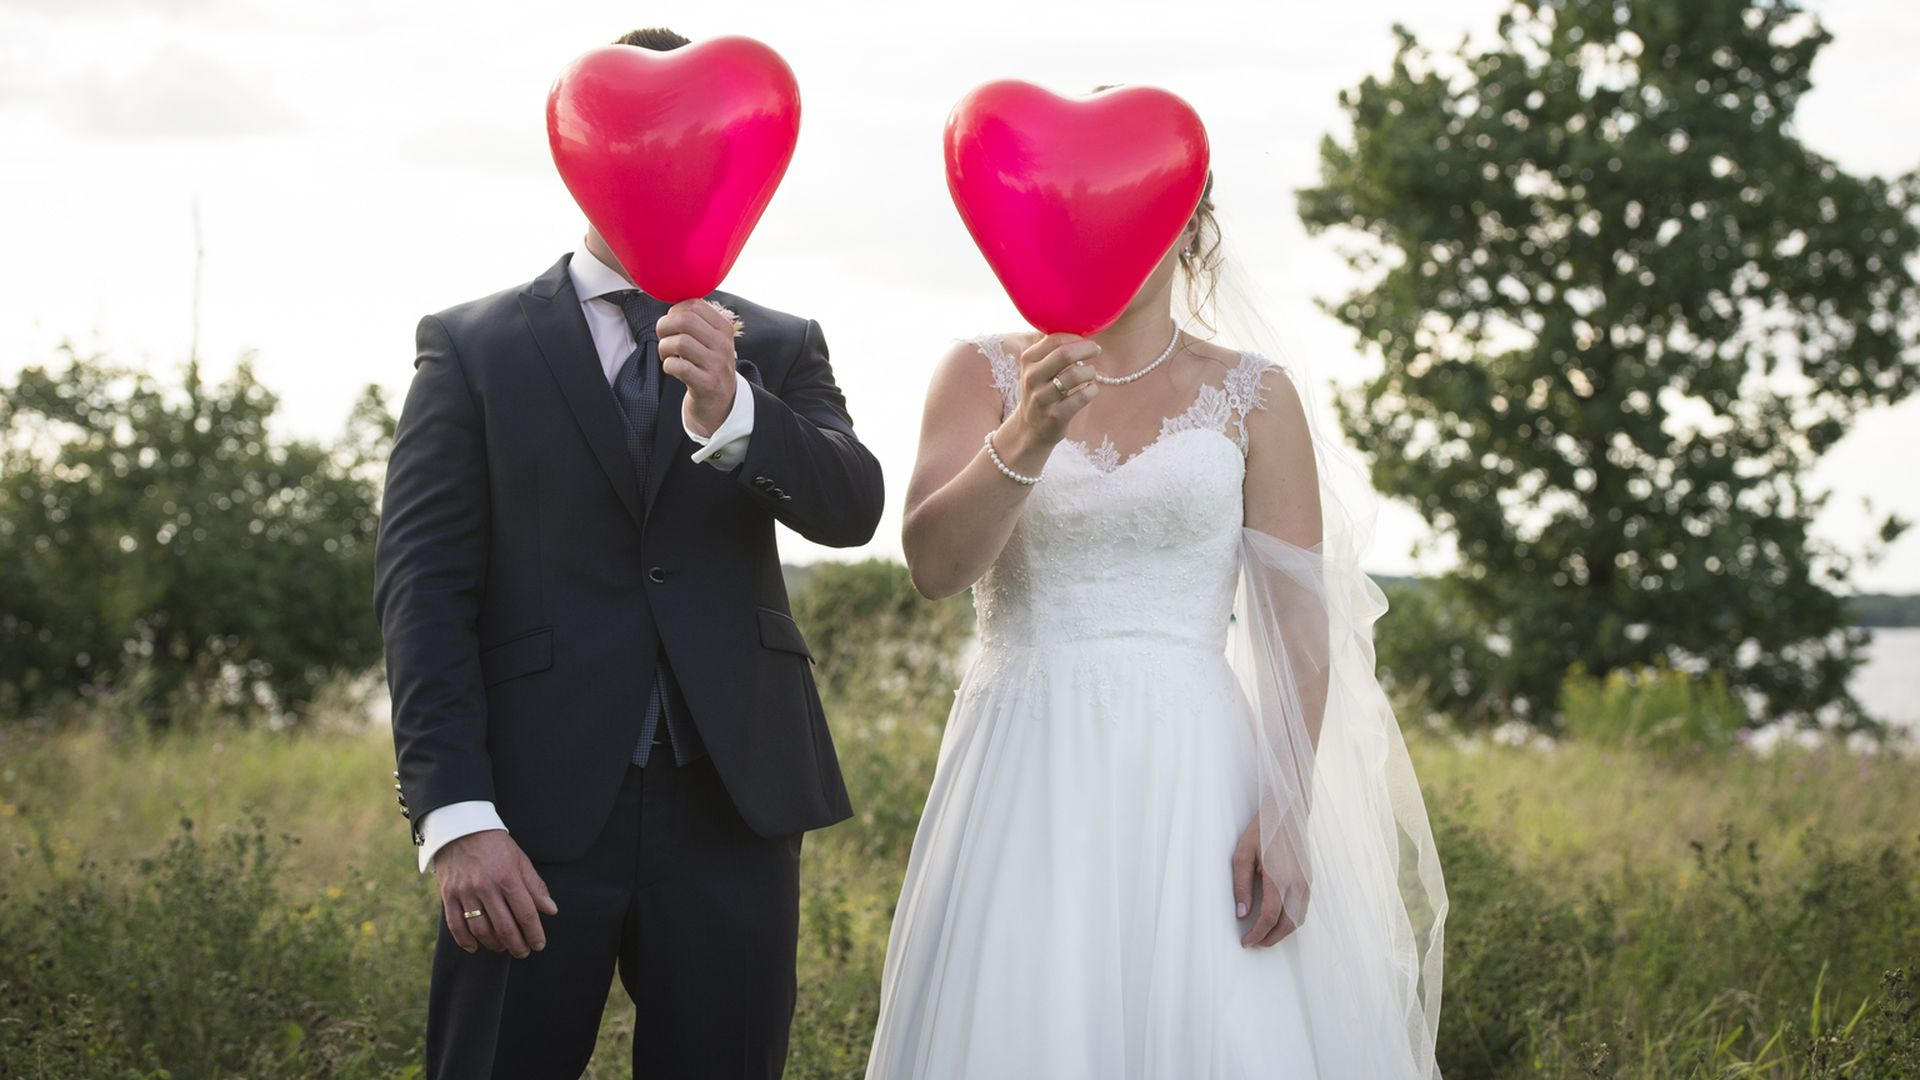 Aron Ist Von Hochzeit Auf Den Ersten Blick Enttauscht Promiflash De